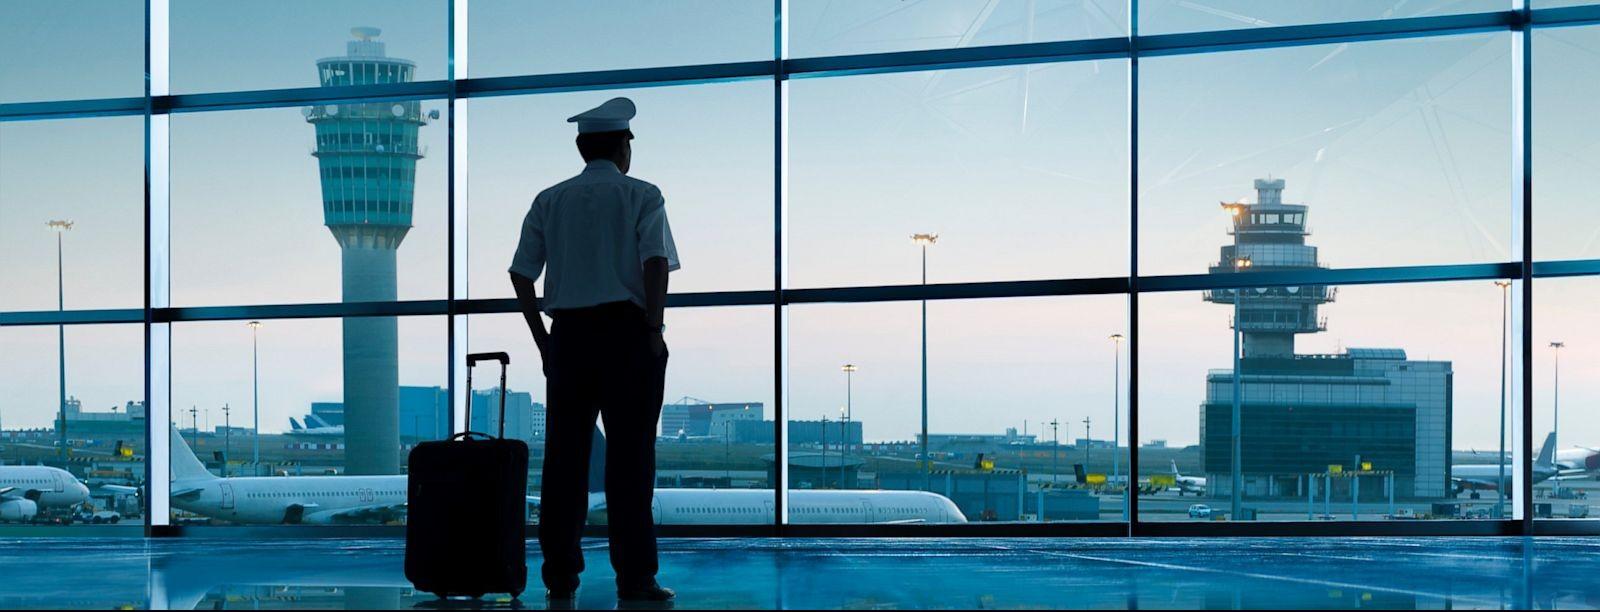 Hvad Kræver Det For At Blive Optaget Som Pilot? Er Det Svært? Og Hvordan Er Det Med Job Bagefter?